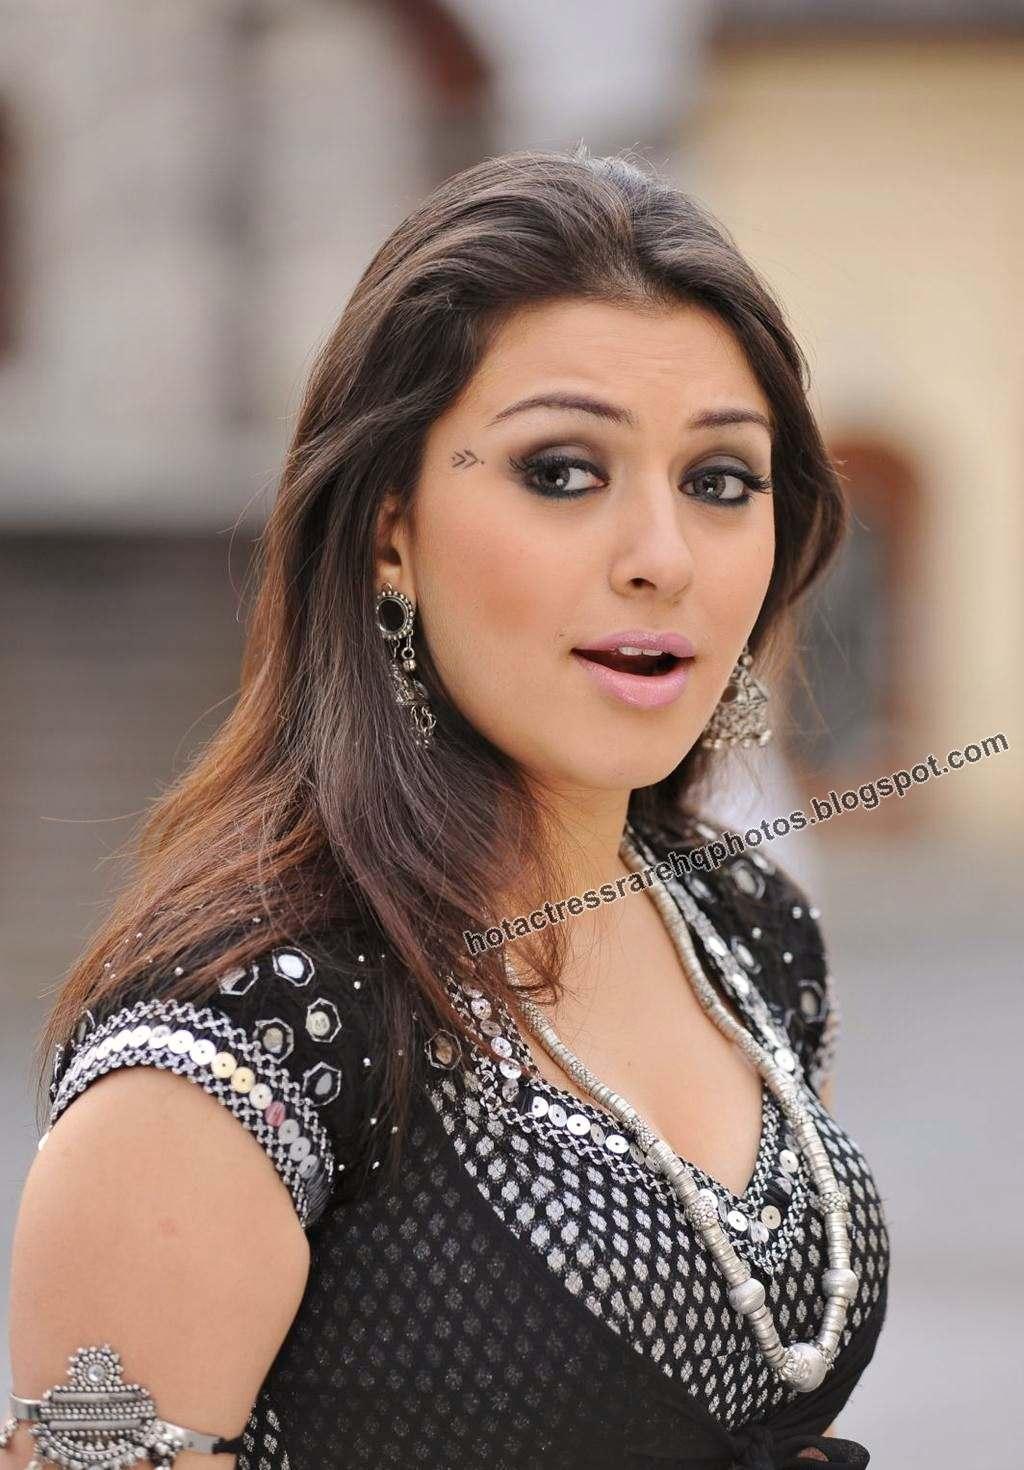 Hot Indian Actress Rare HQ Photos: Hot Tamil Actress ...